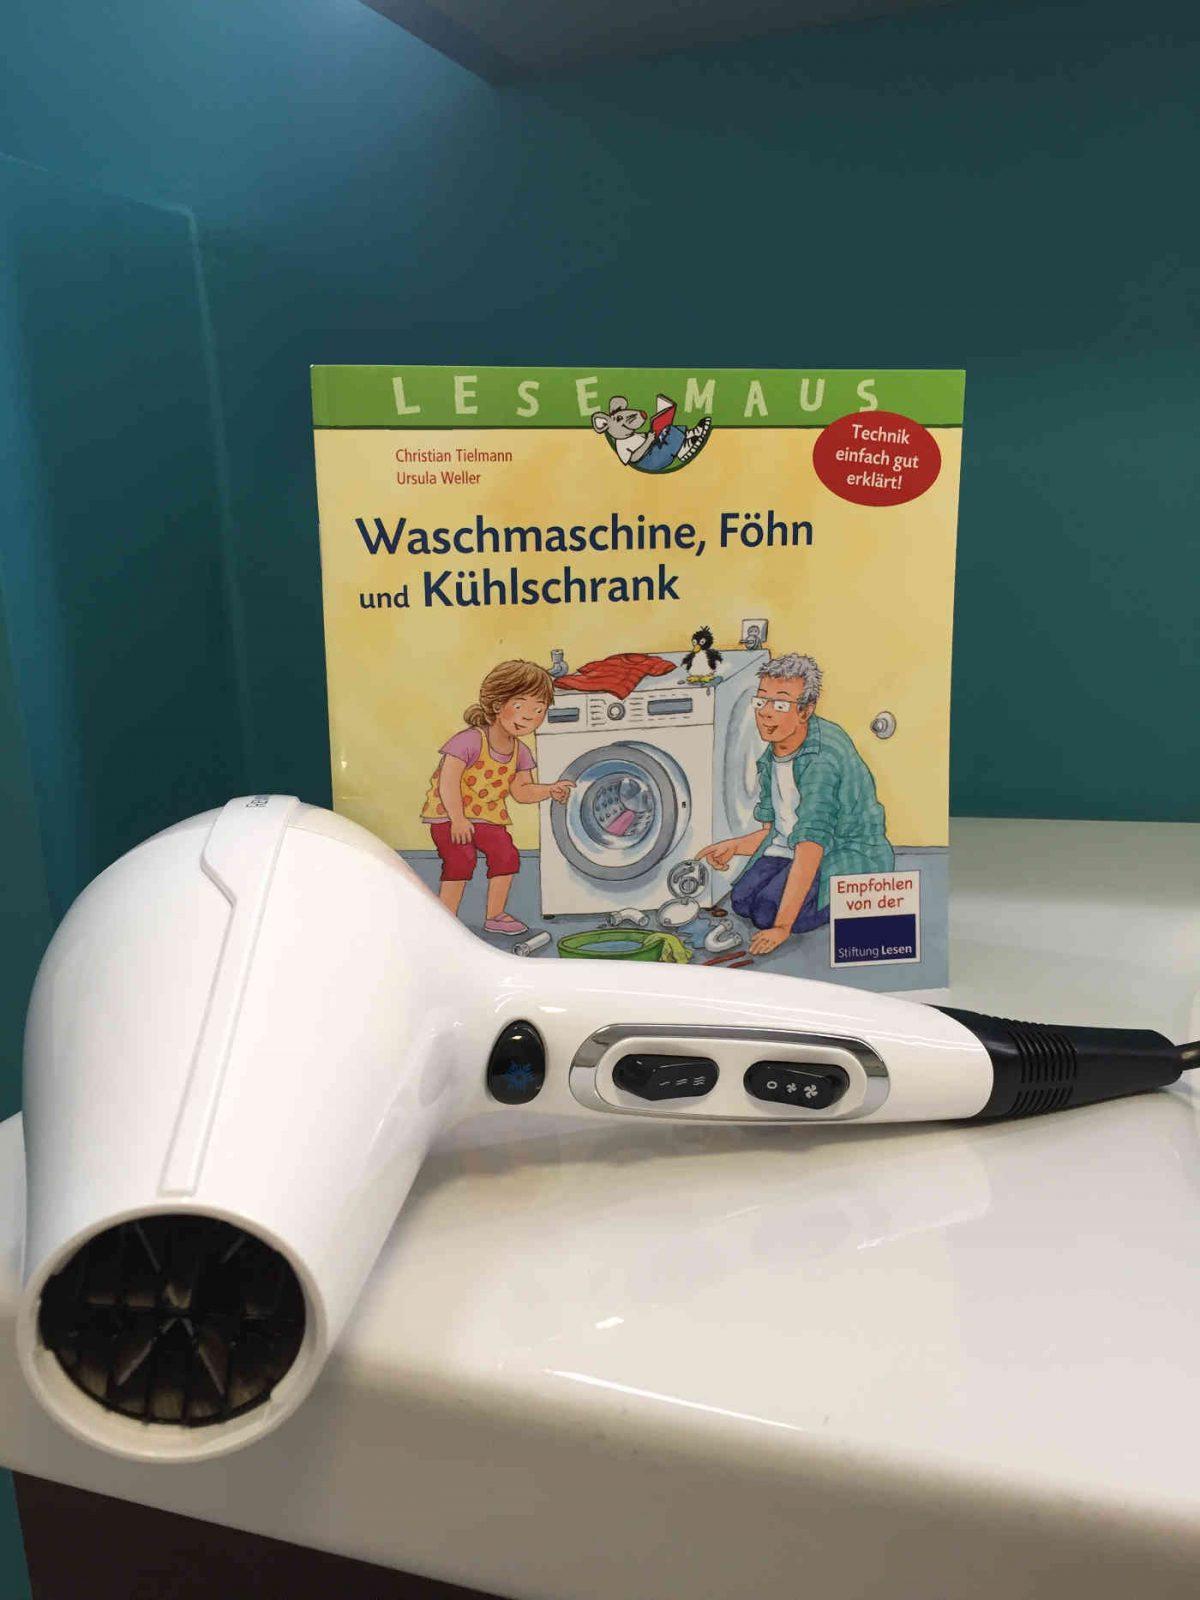 Christian Tielmann Waschmaschine, Föhn und Kühlschrank: Technik einfach gut erklärt